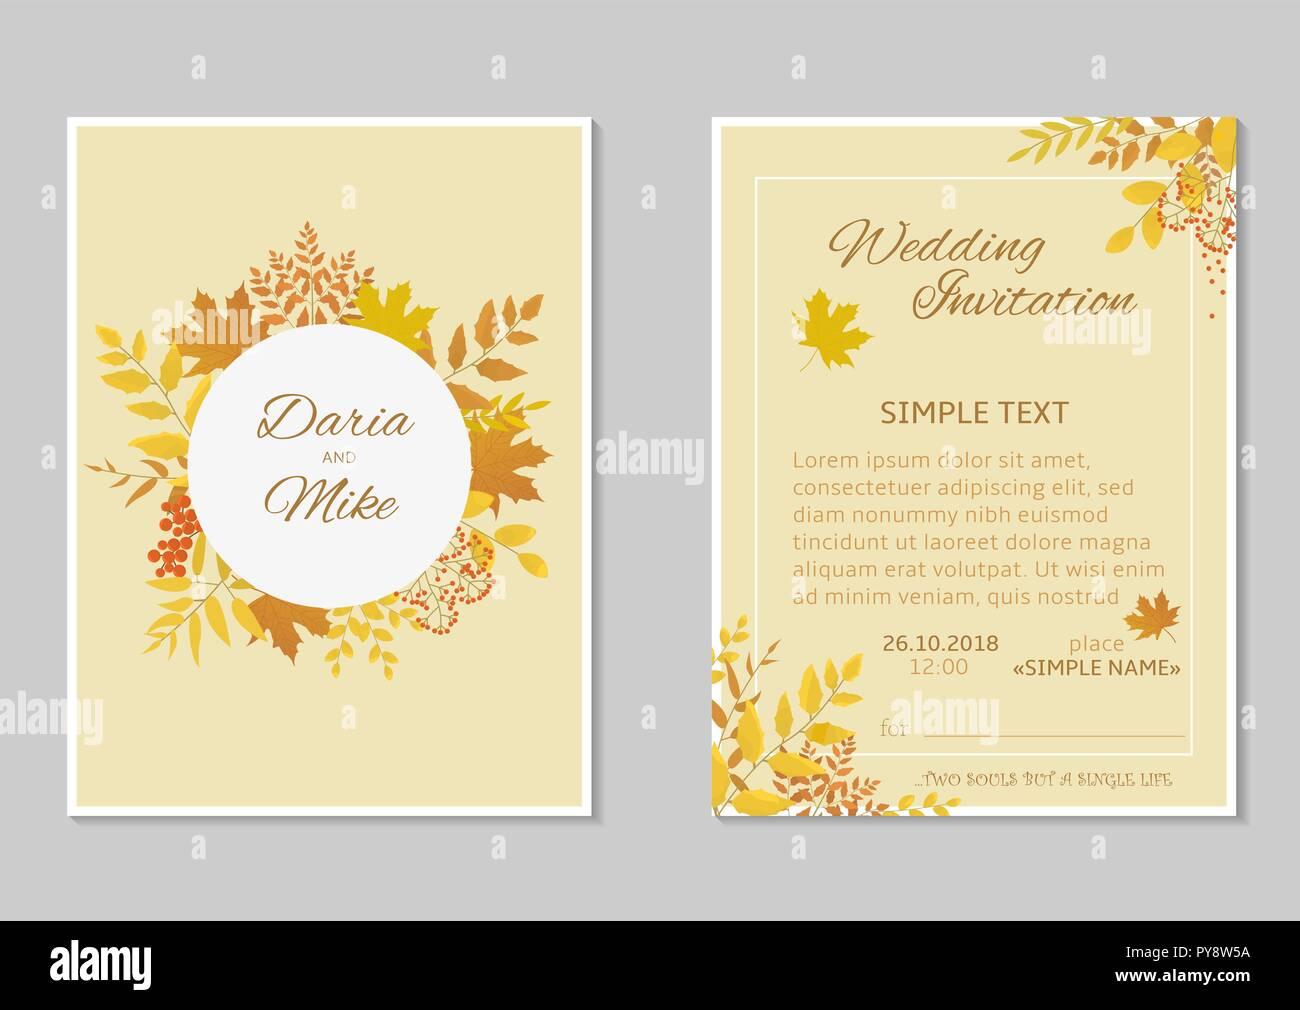 Herbst Hochzeit Einladung Vorlage Grusskarte Mit Blatter Im Herbst